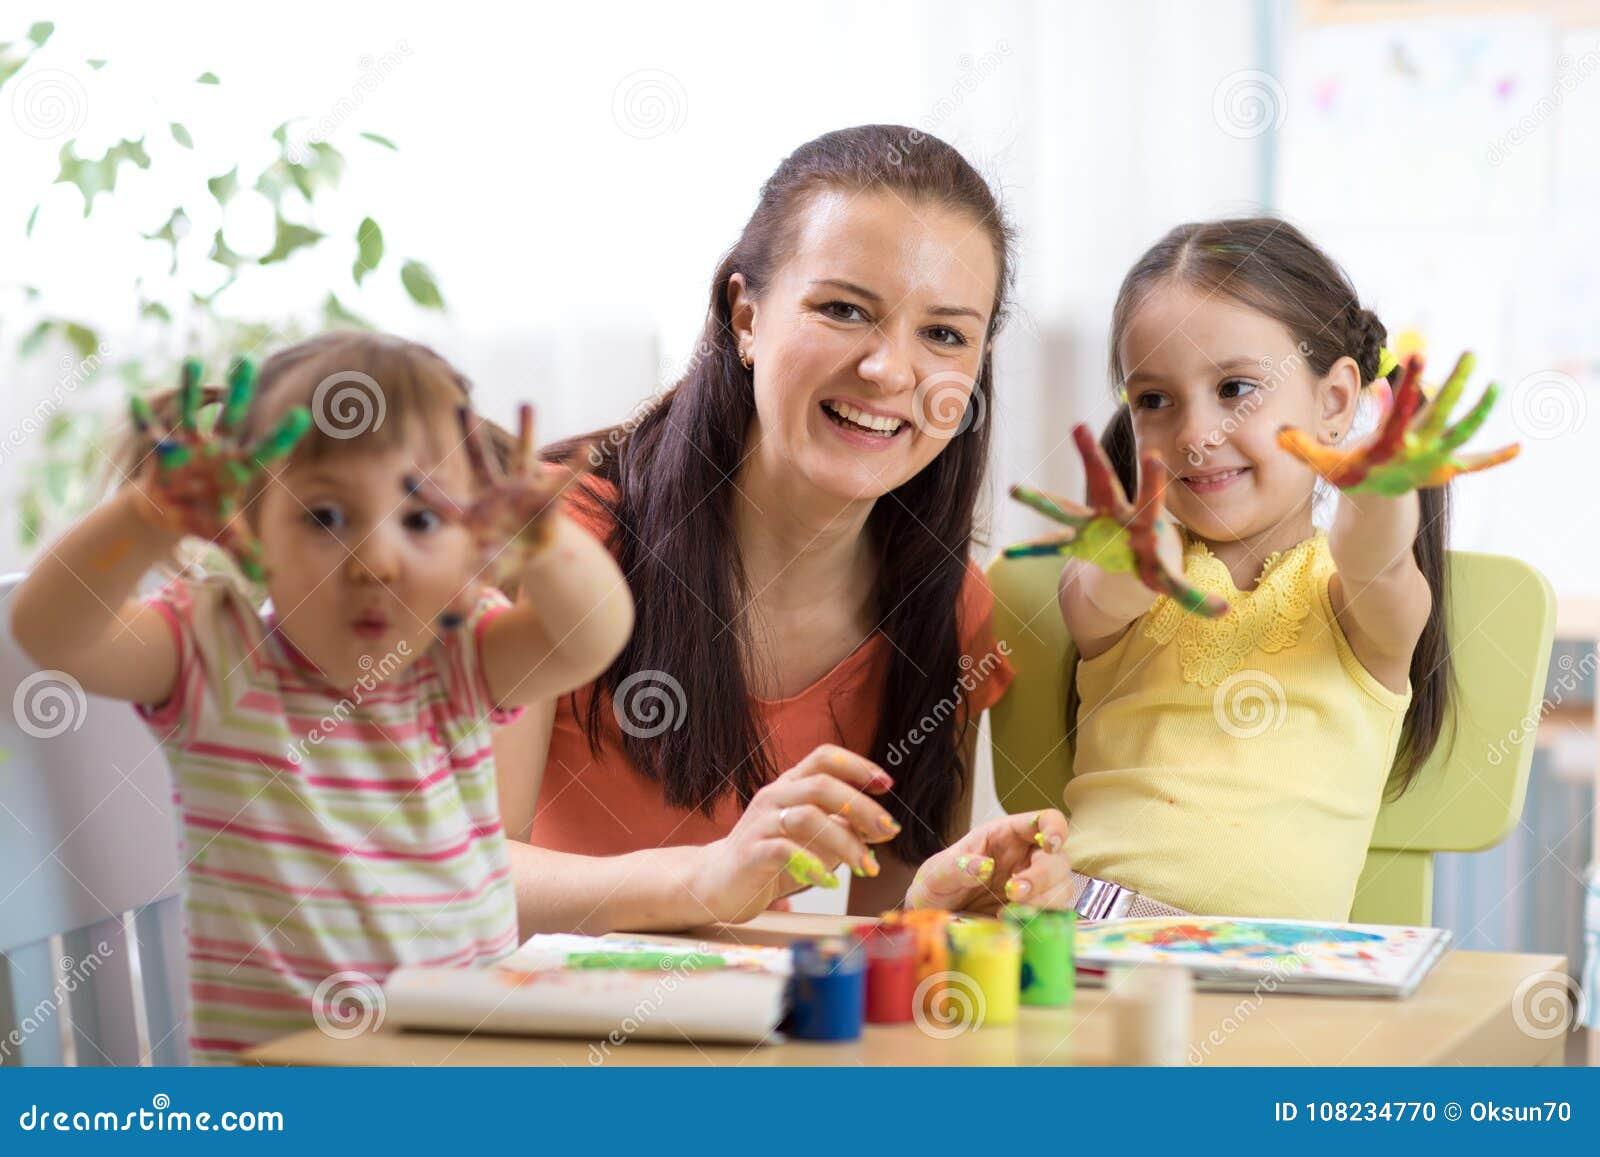 Crianças alegres e sua mãe que têm o divertimento e que mostram as mãos pintadas em pinturas coloridas